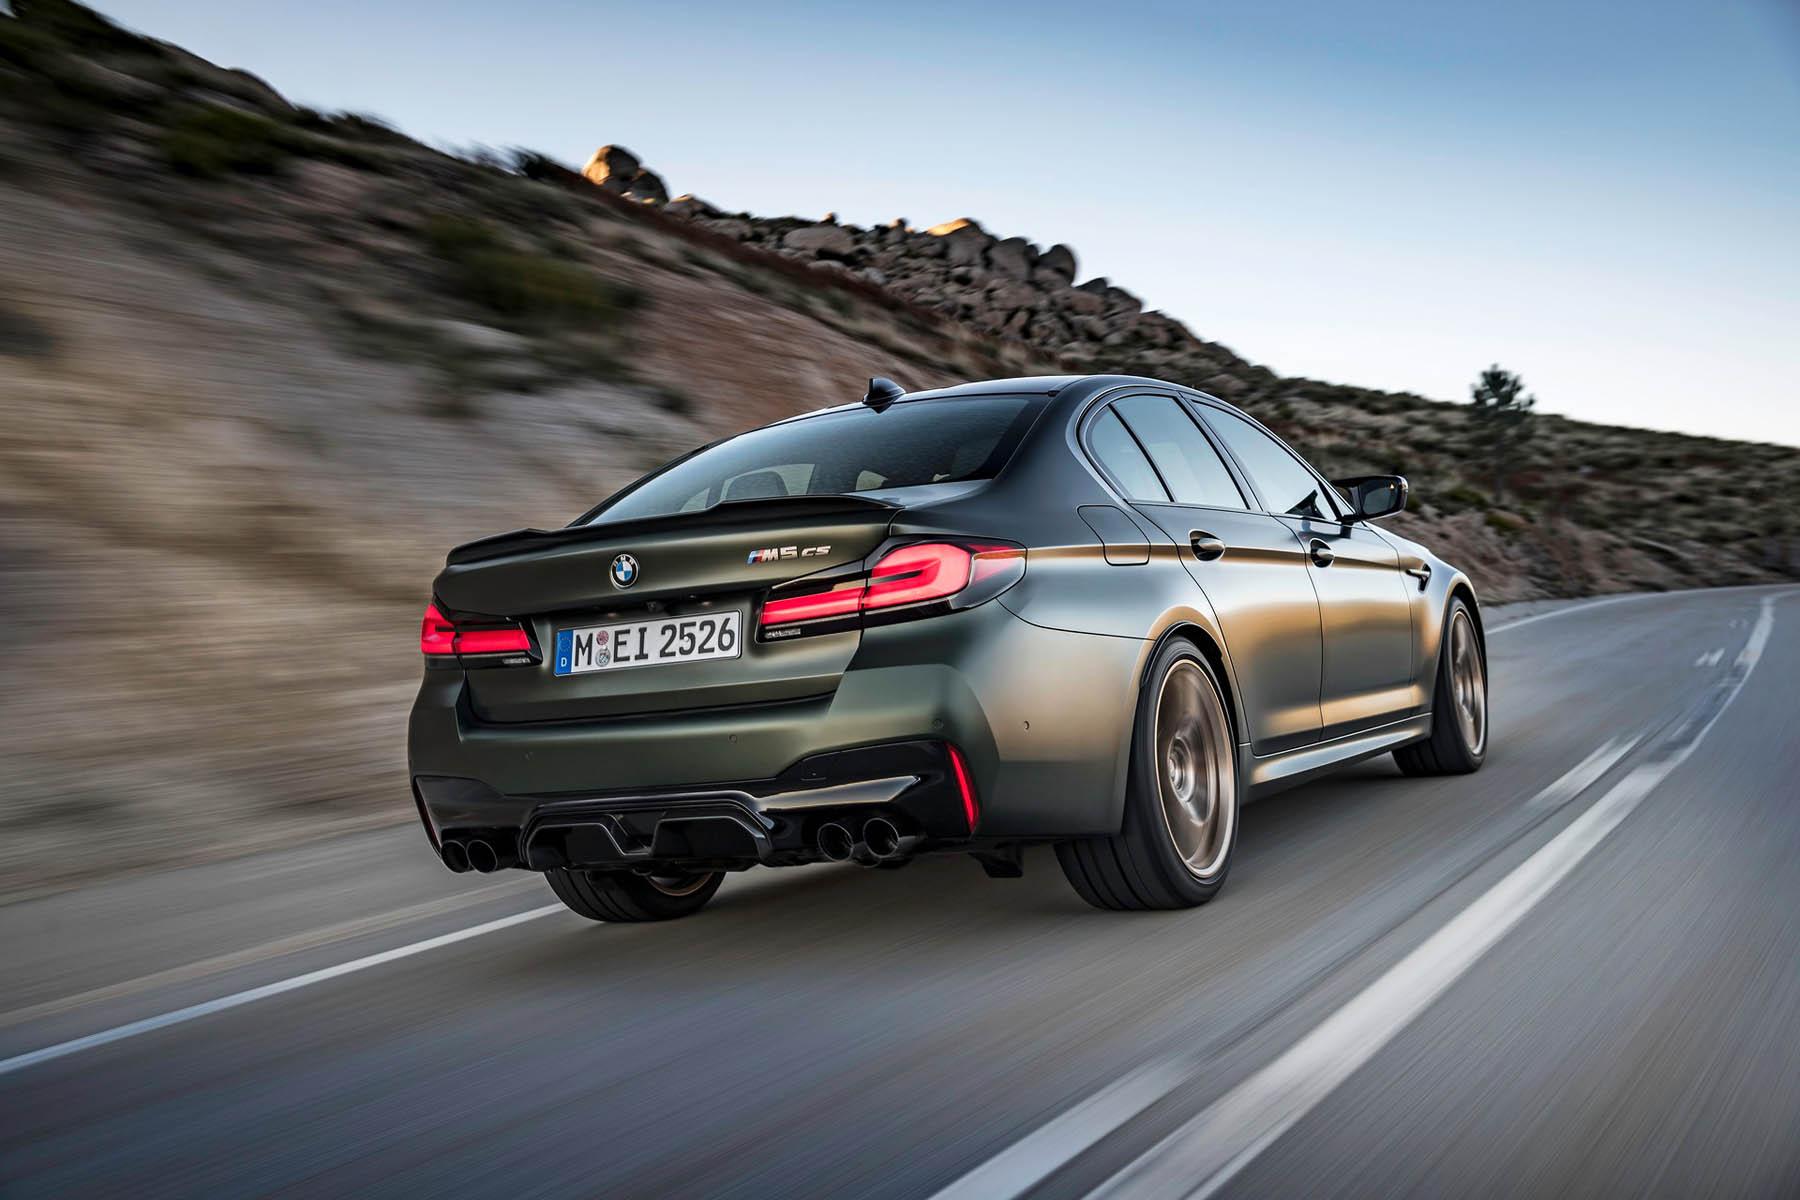 Η νέα BMW M5 CS των 635 ίππων είναι η ισχυρότερη όλων